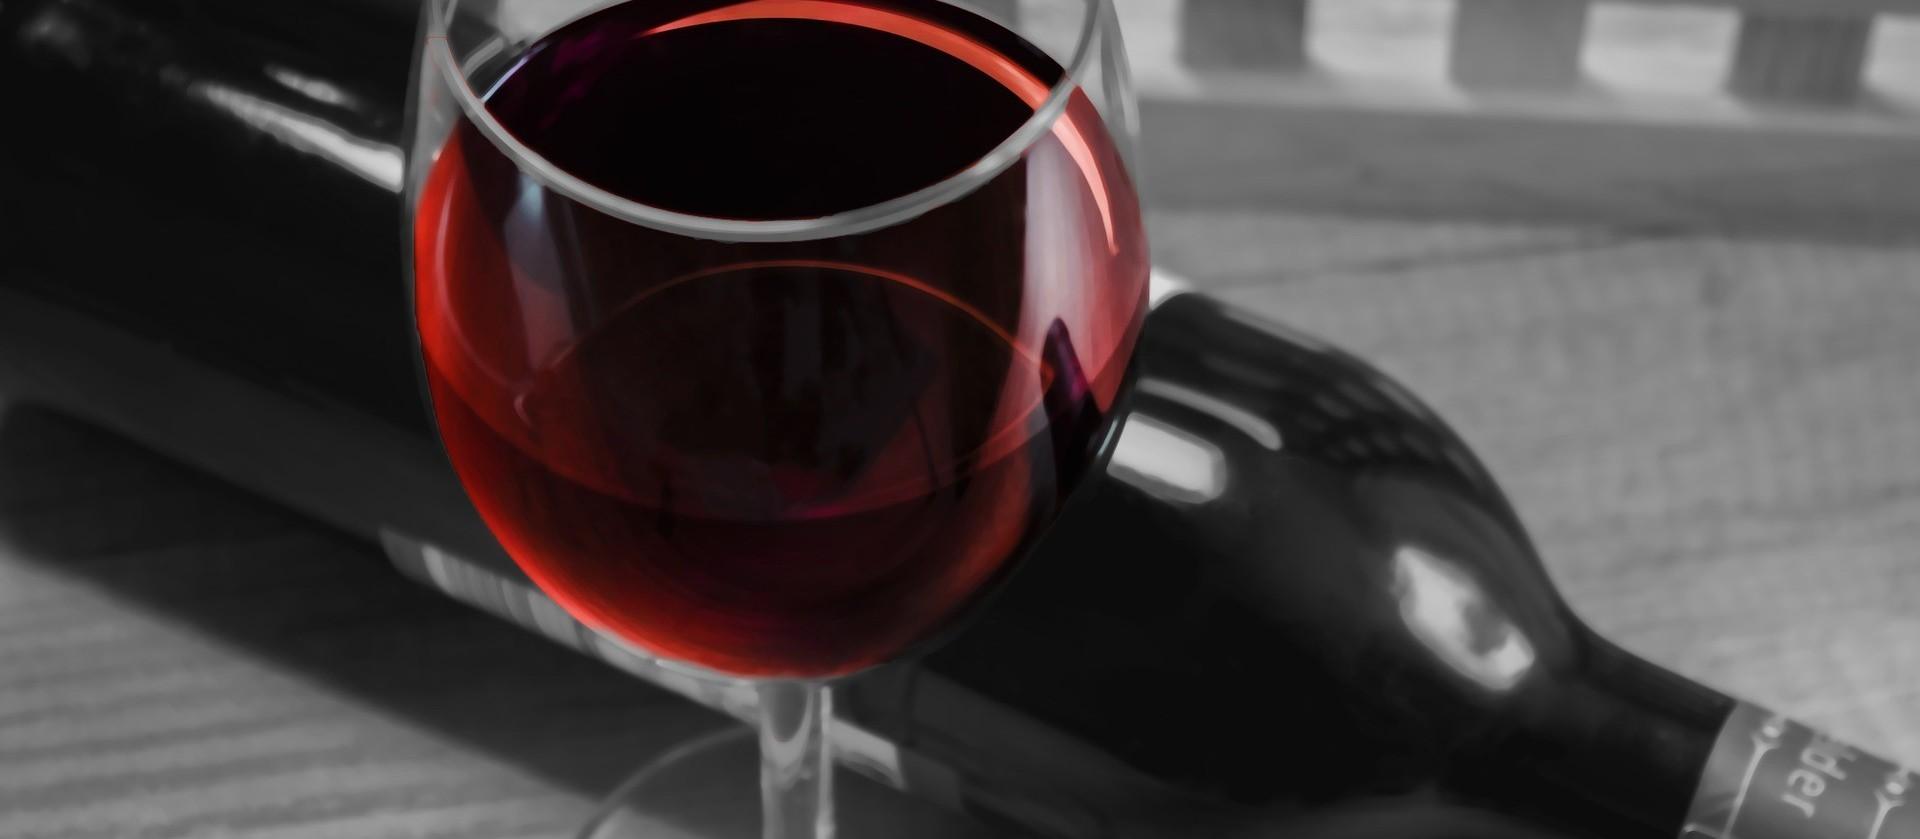 Os maiores consumidores de vinho